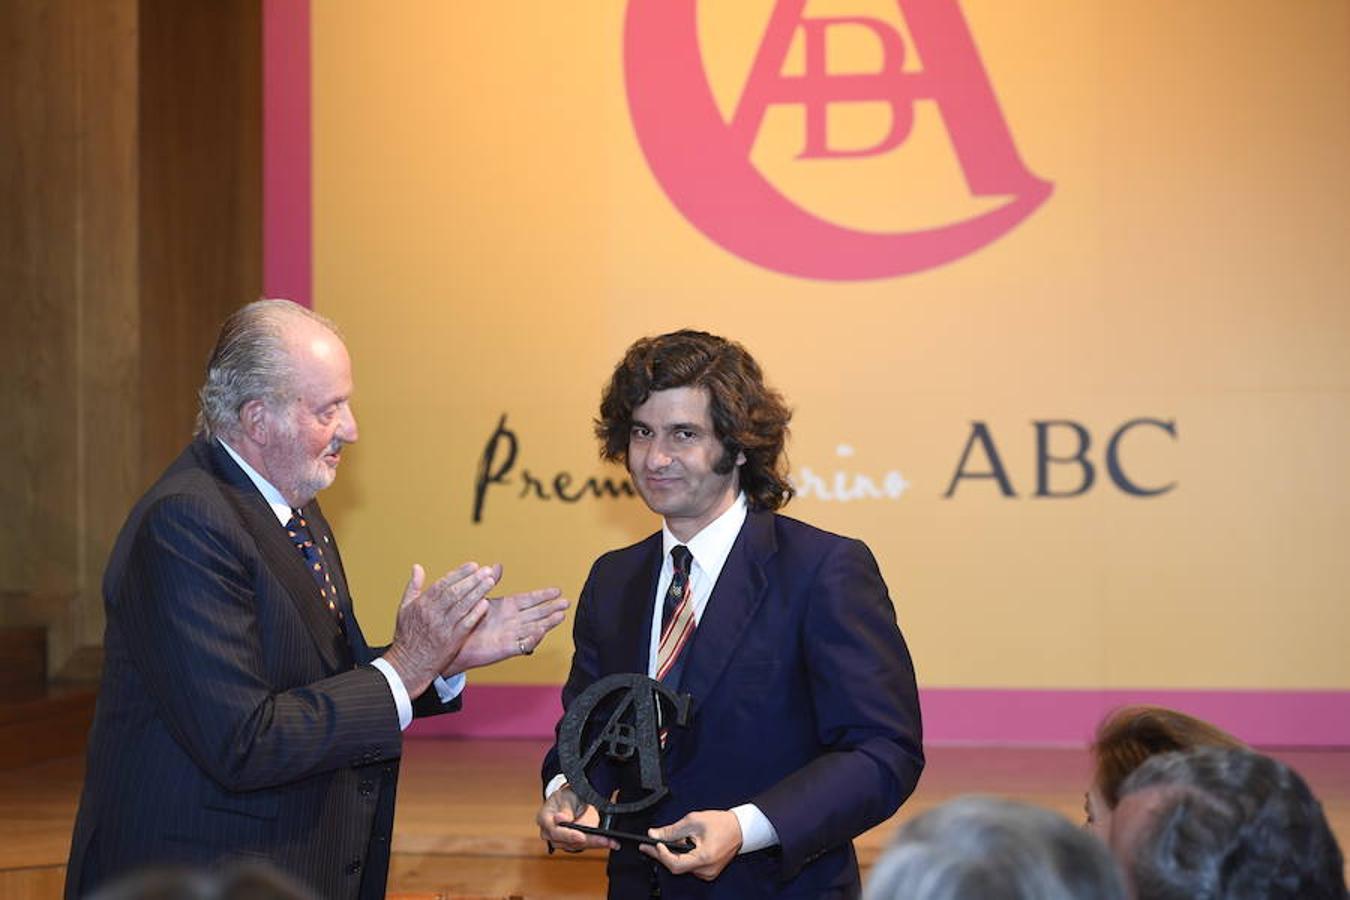 Don Juan Carlos le entrega a José Antonio Morante 'Morante de la Puebla' el IX Premio Taurino ABC